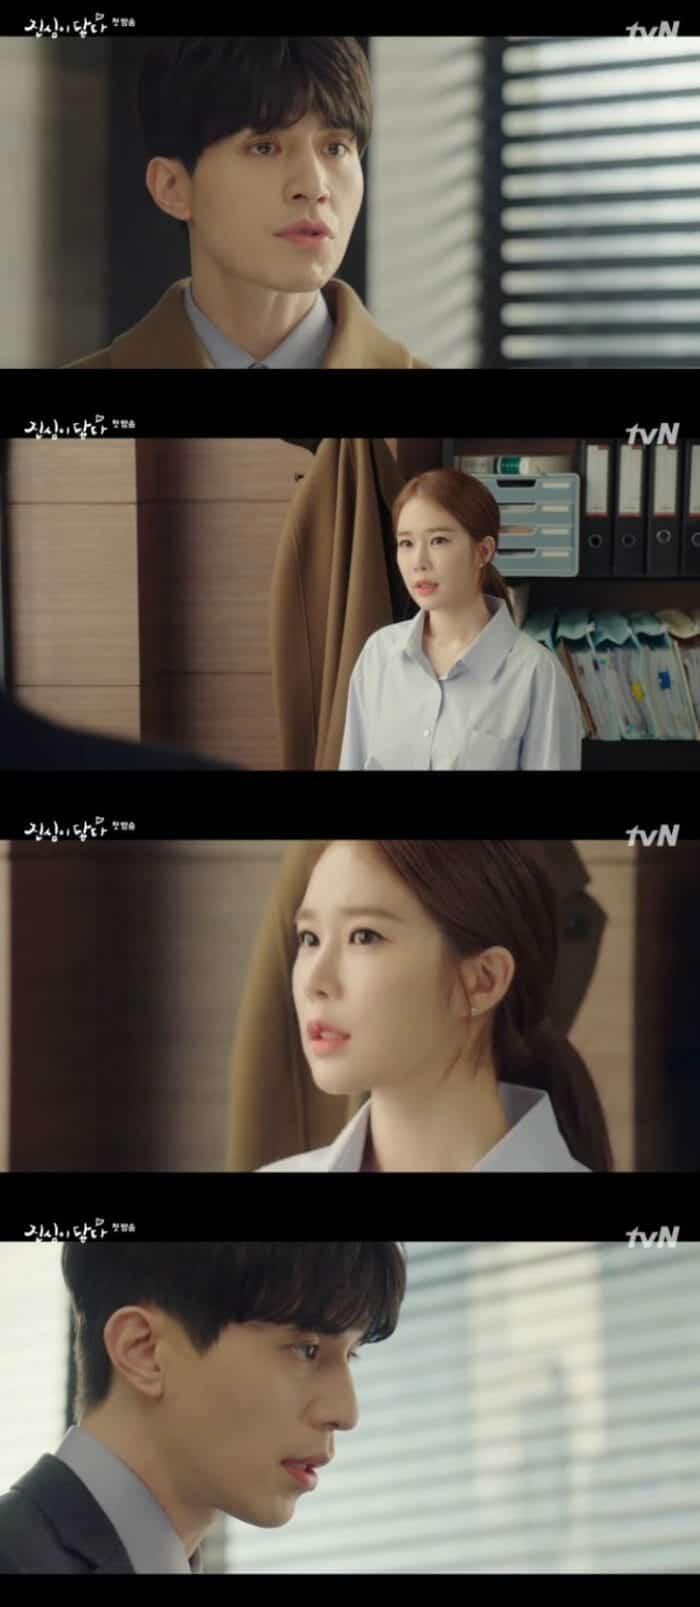 유인나/tvN 캡처 © 갓잇코리아